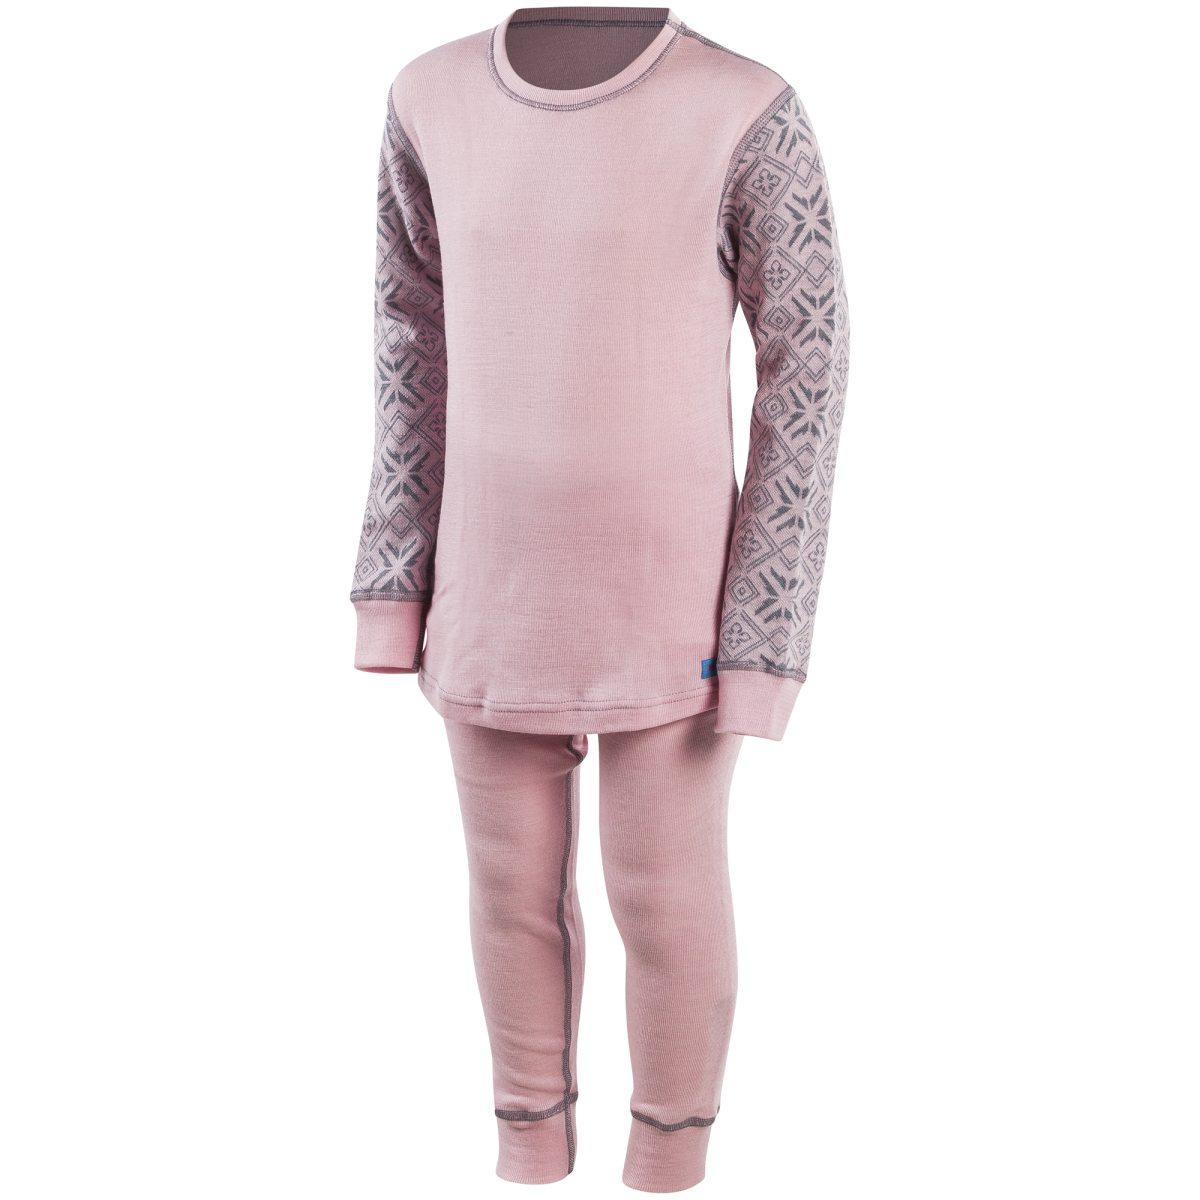 0c50b0ad Find rosa iris sport jaquard sett ullsett barn undertøysett no. Shop ...